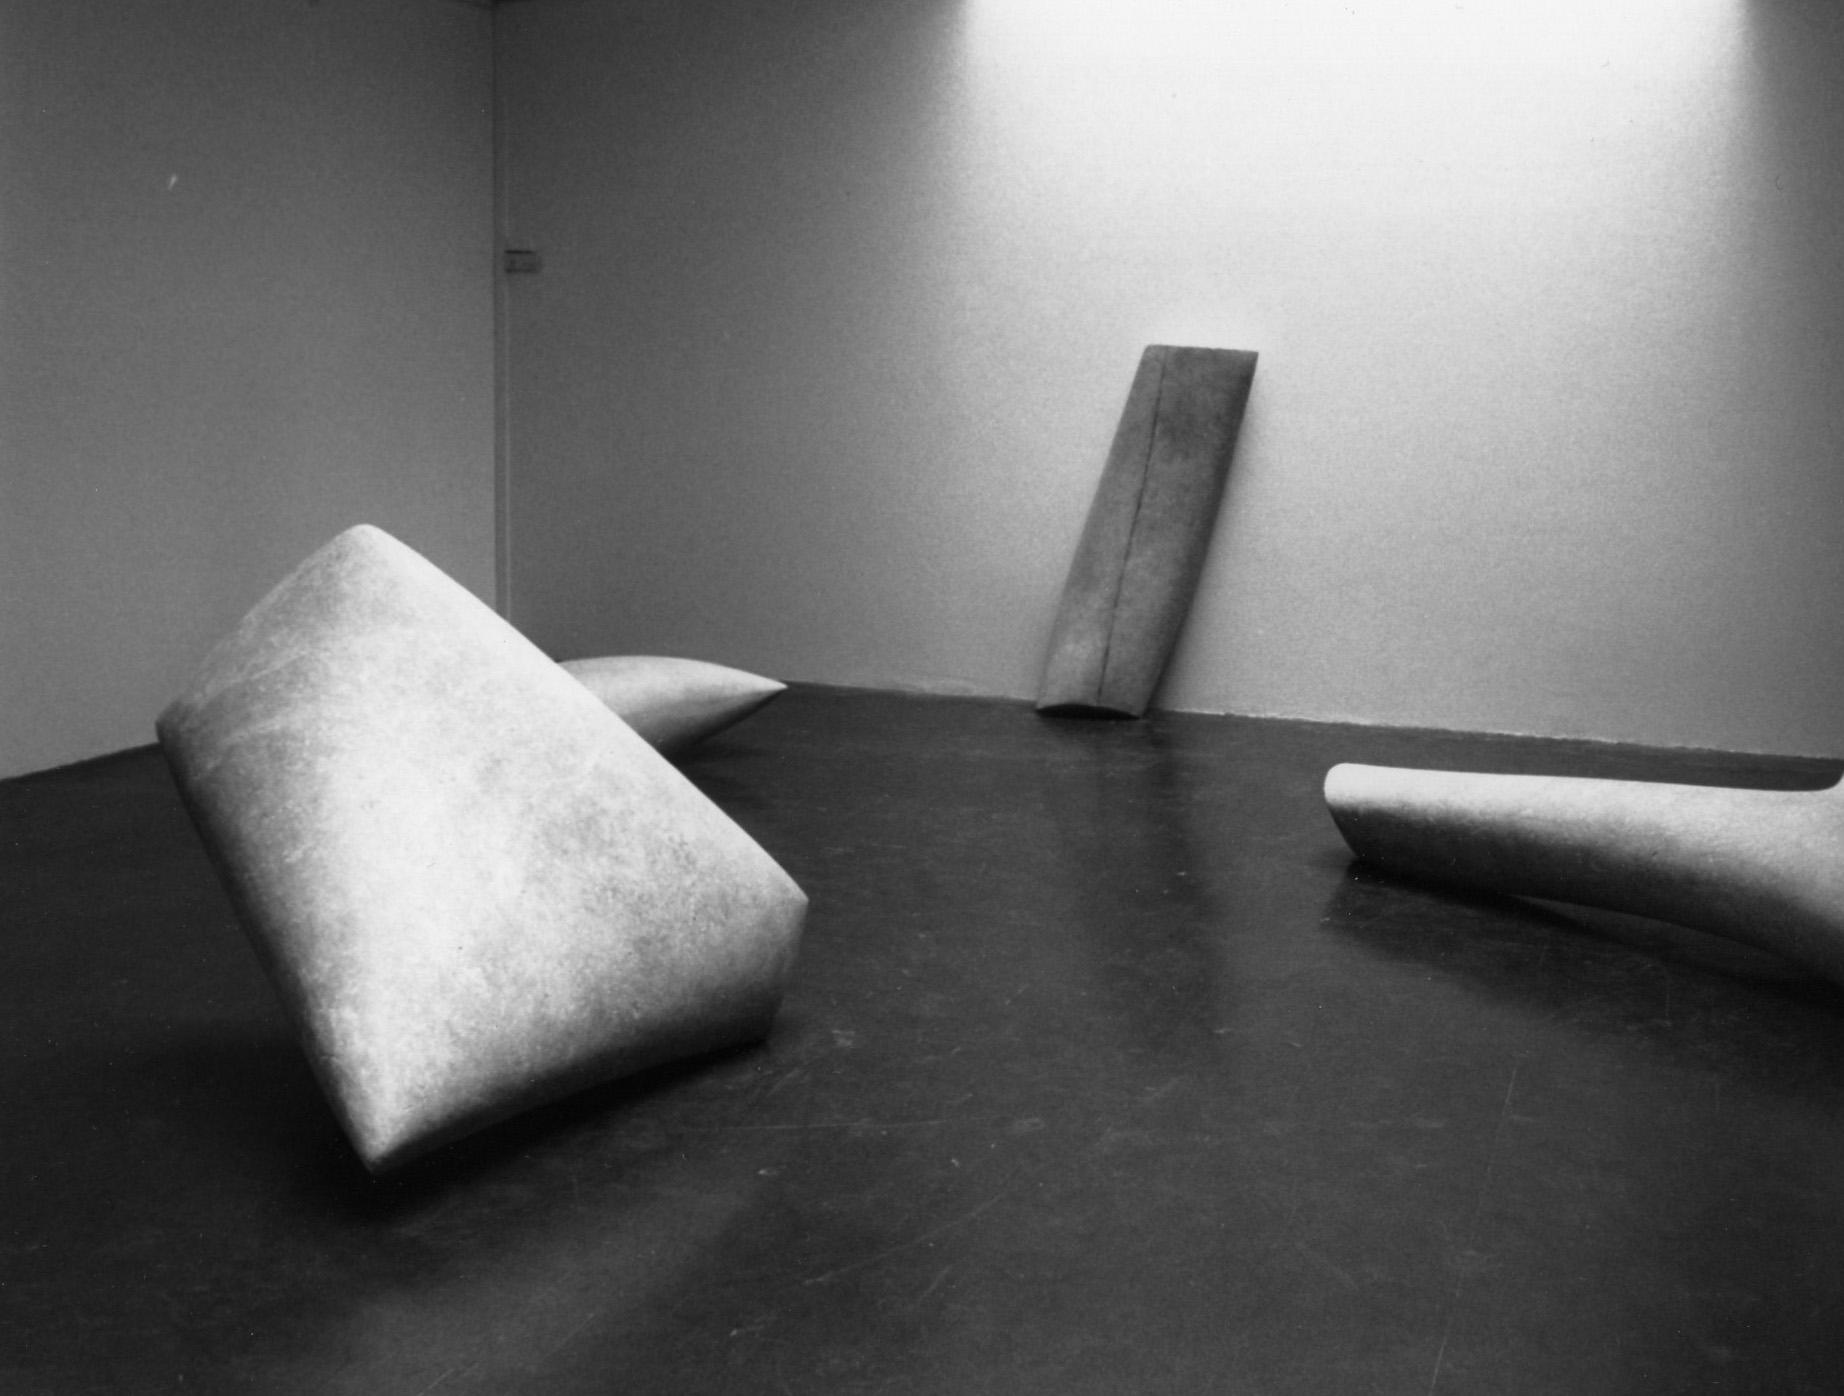 Exhibition view . 1998. Galerie des beaux-art. Rue des Beaux-Arts.Paris